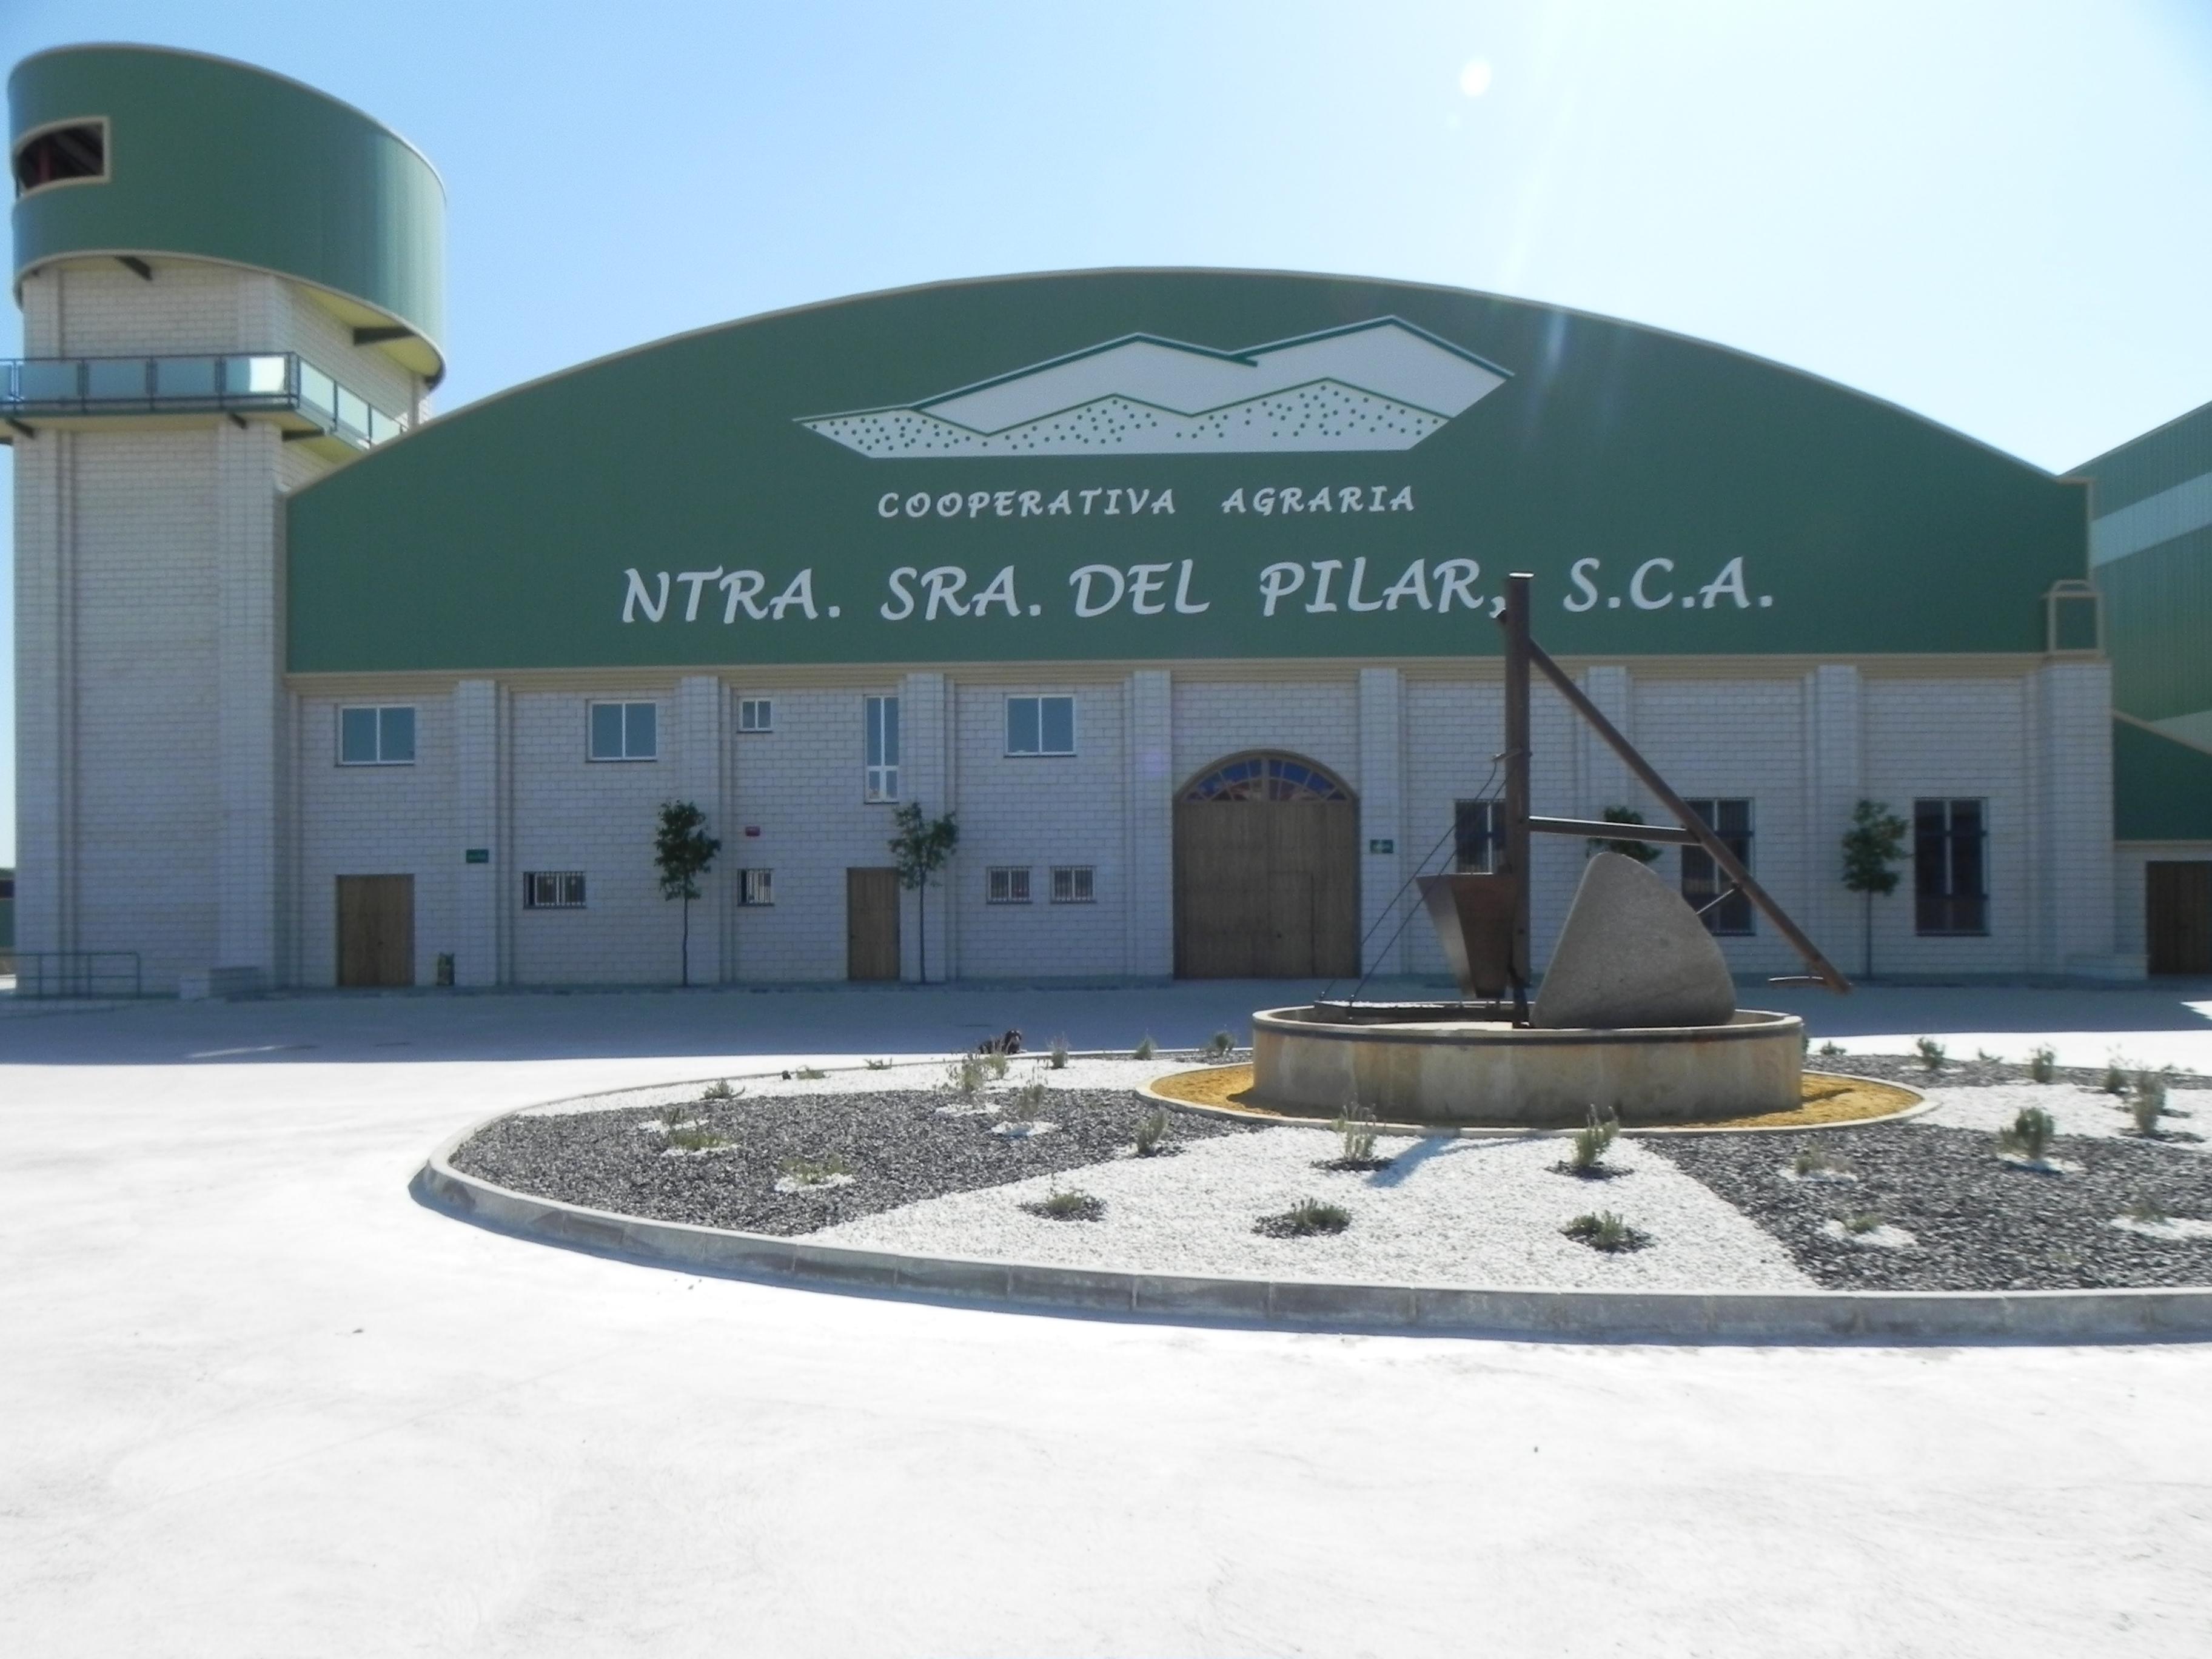 Cooperativa Ntra. Sra. Del Pilar